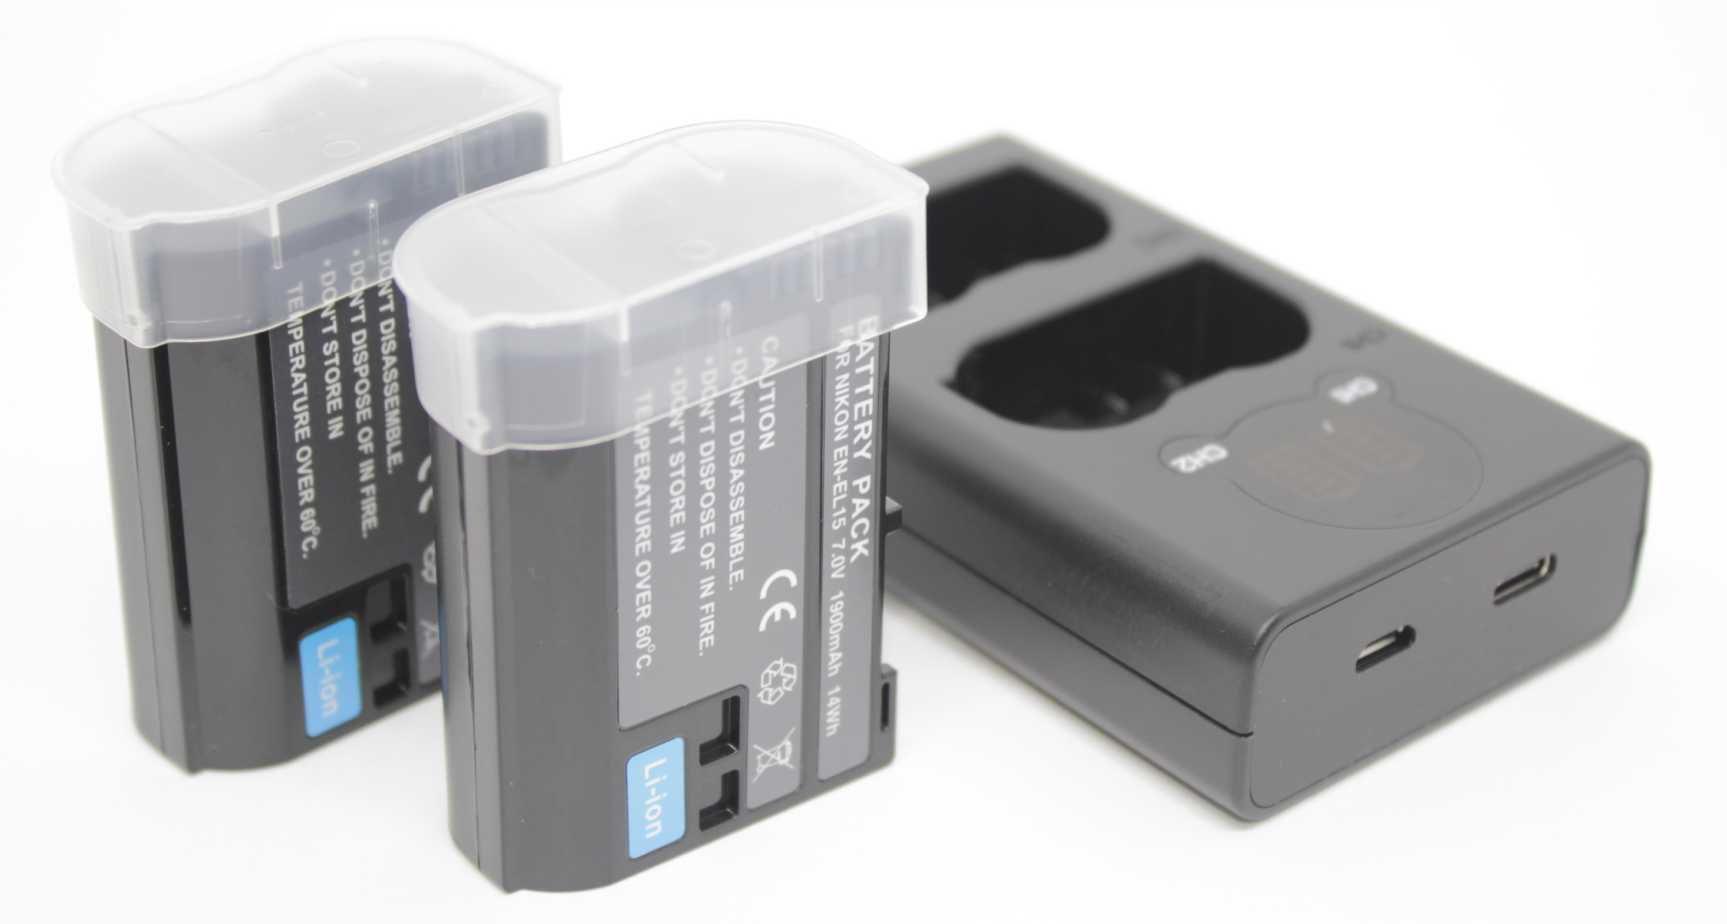 2 BATERIAS EN-EL15 + CARREG DUPLO  P/ Nikon D7000, D800, D800e, D600, D7100 e 1 V1